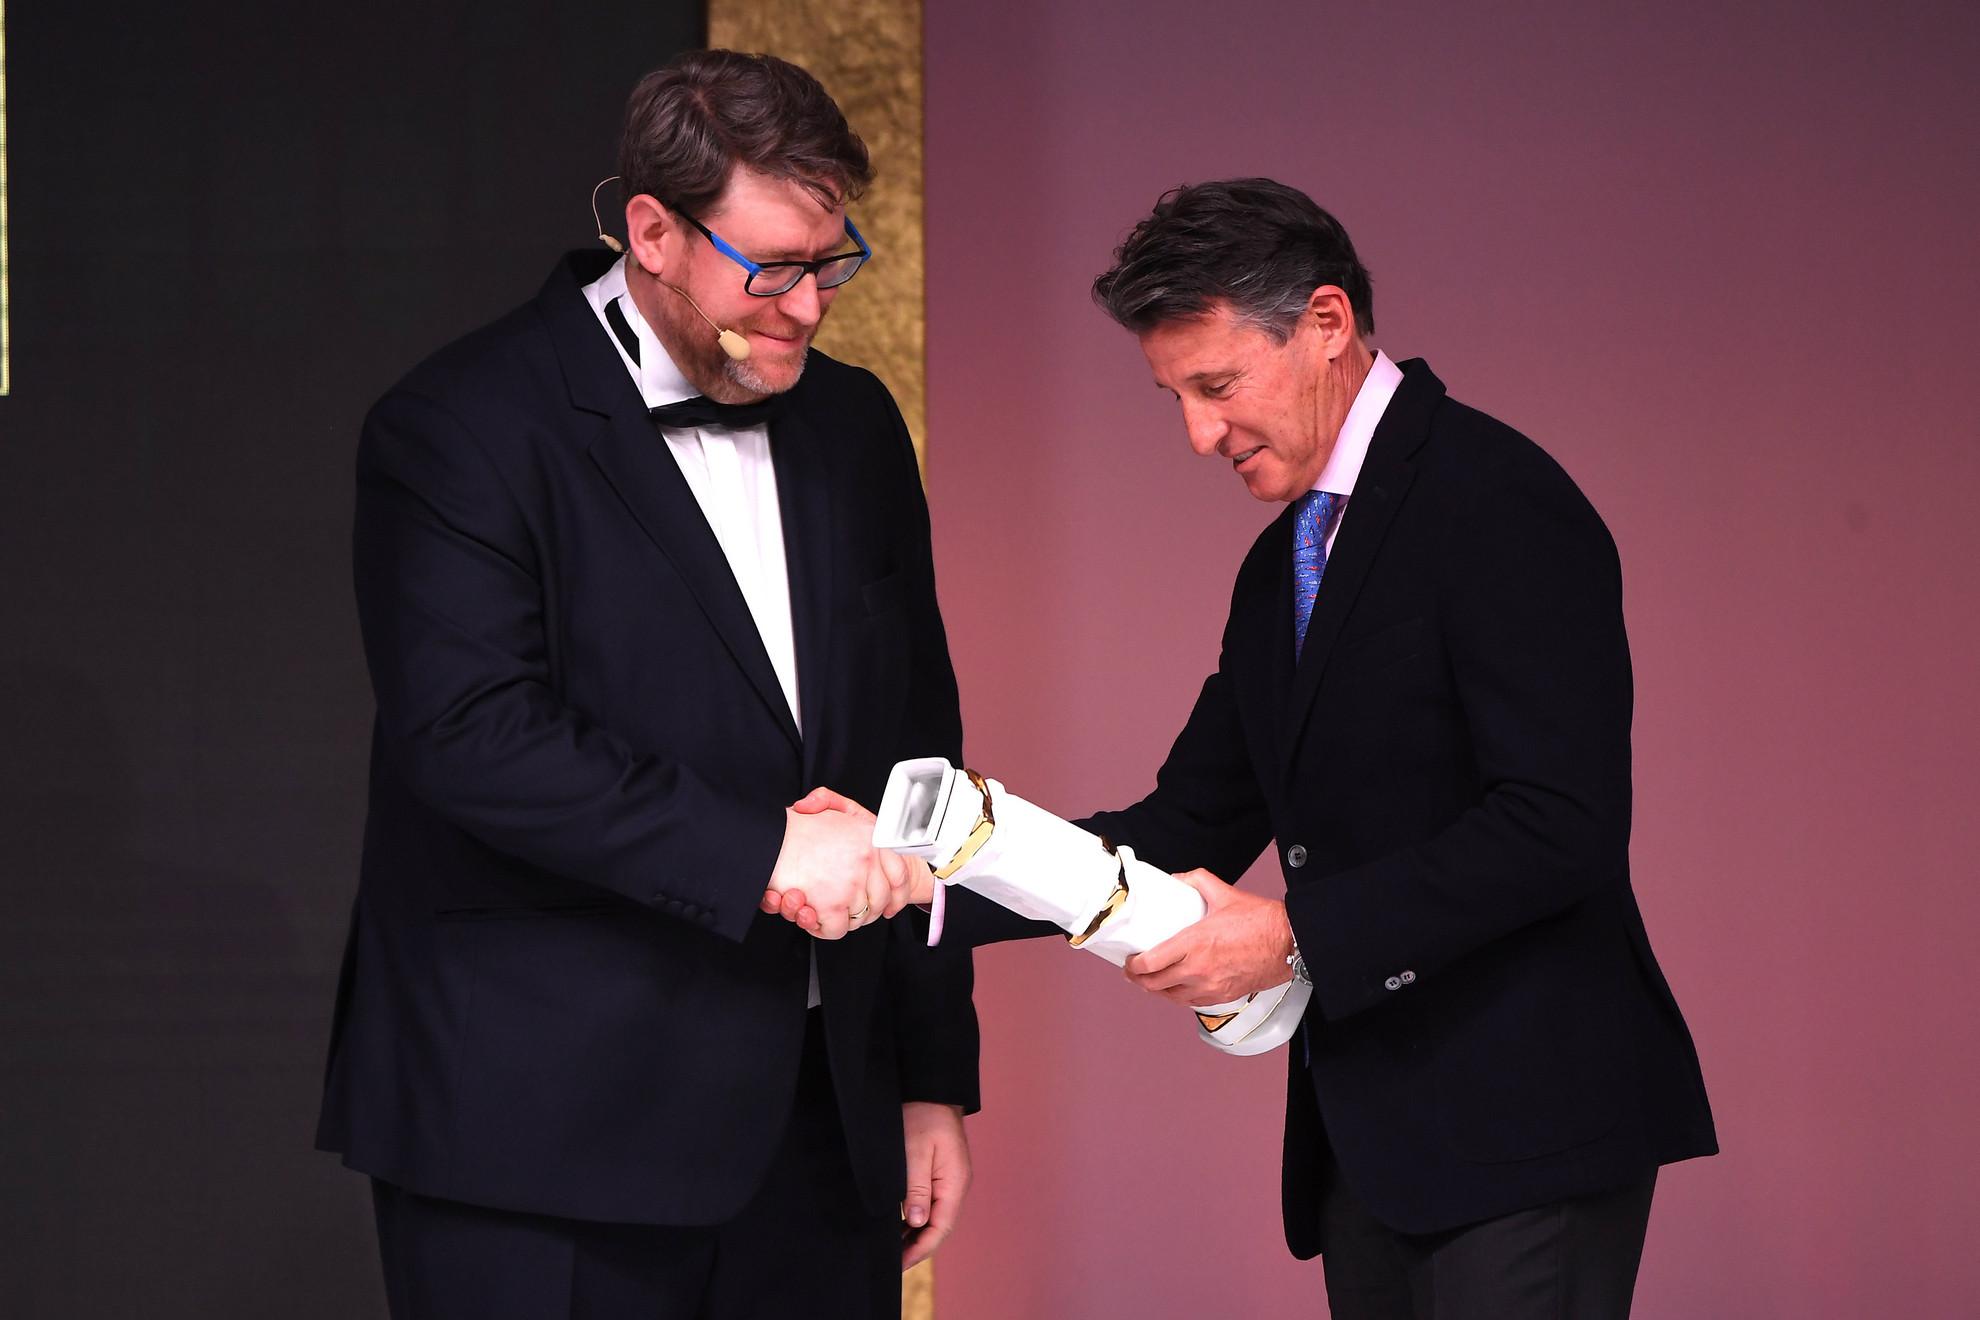 Szöllősi György, a Magyar Sportújságírók Szövetségének (MSÚSZ) elnöke (b) átadja 2019 legjobb sajtóközpontjának járó elismerést Sebastian Coe-nak